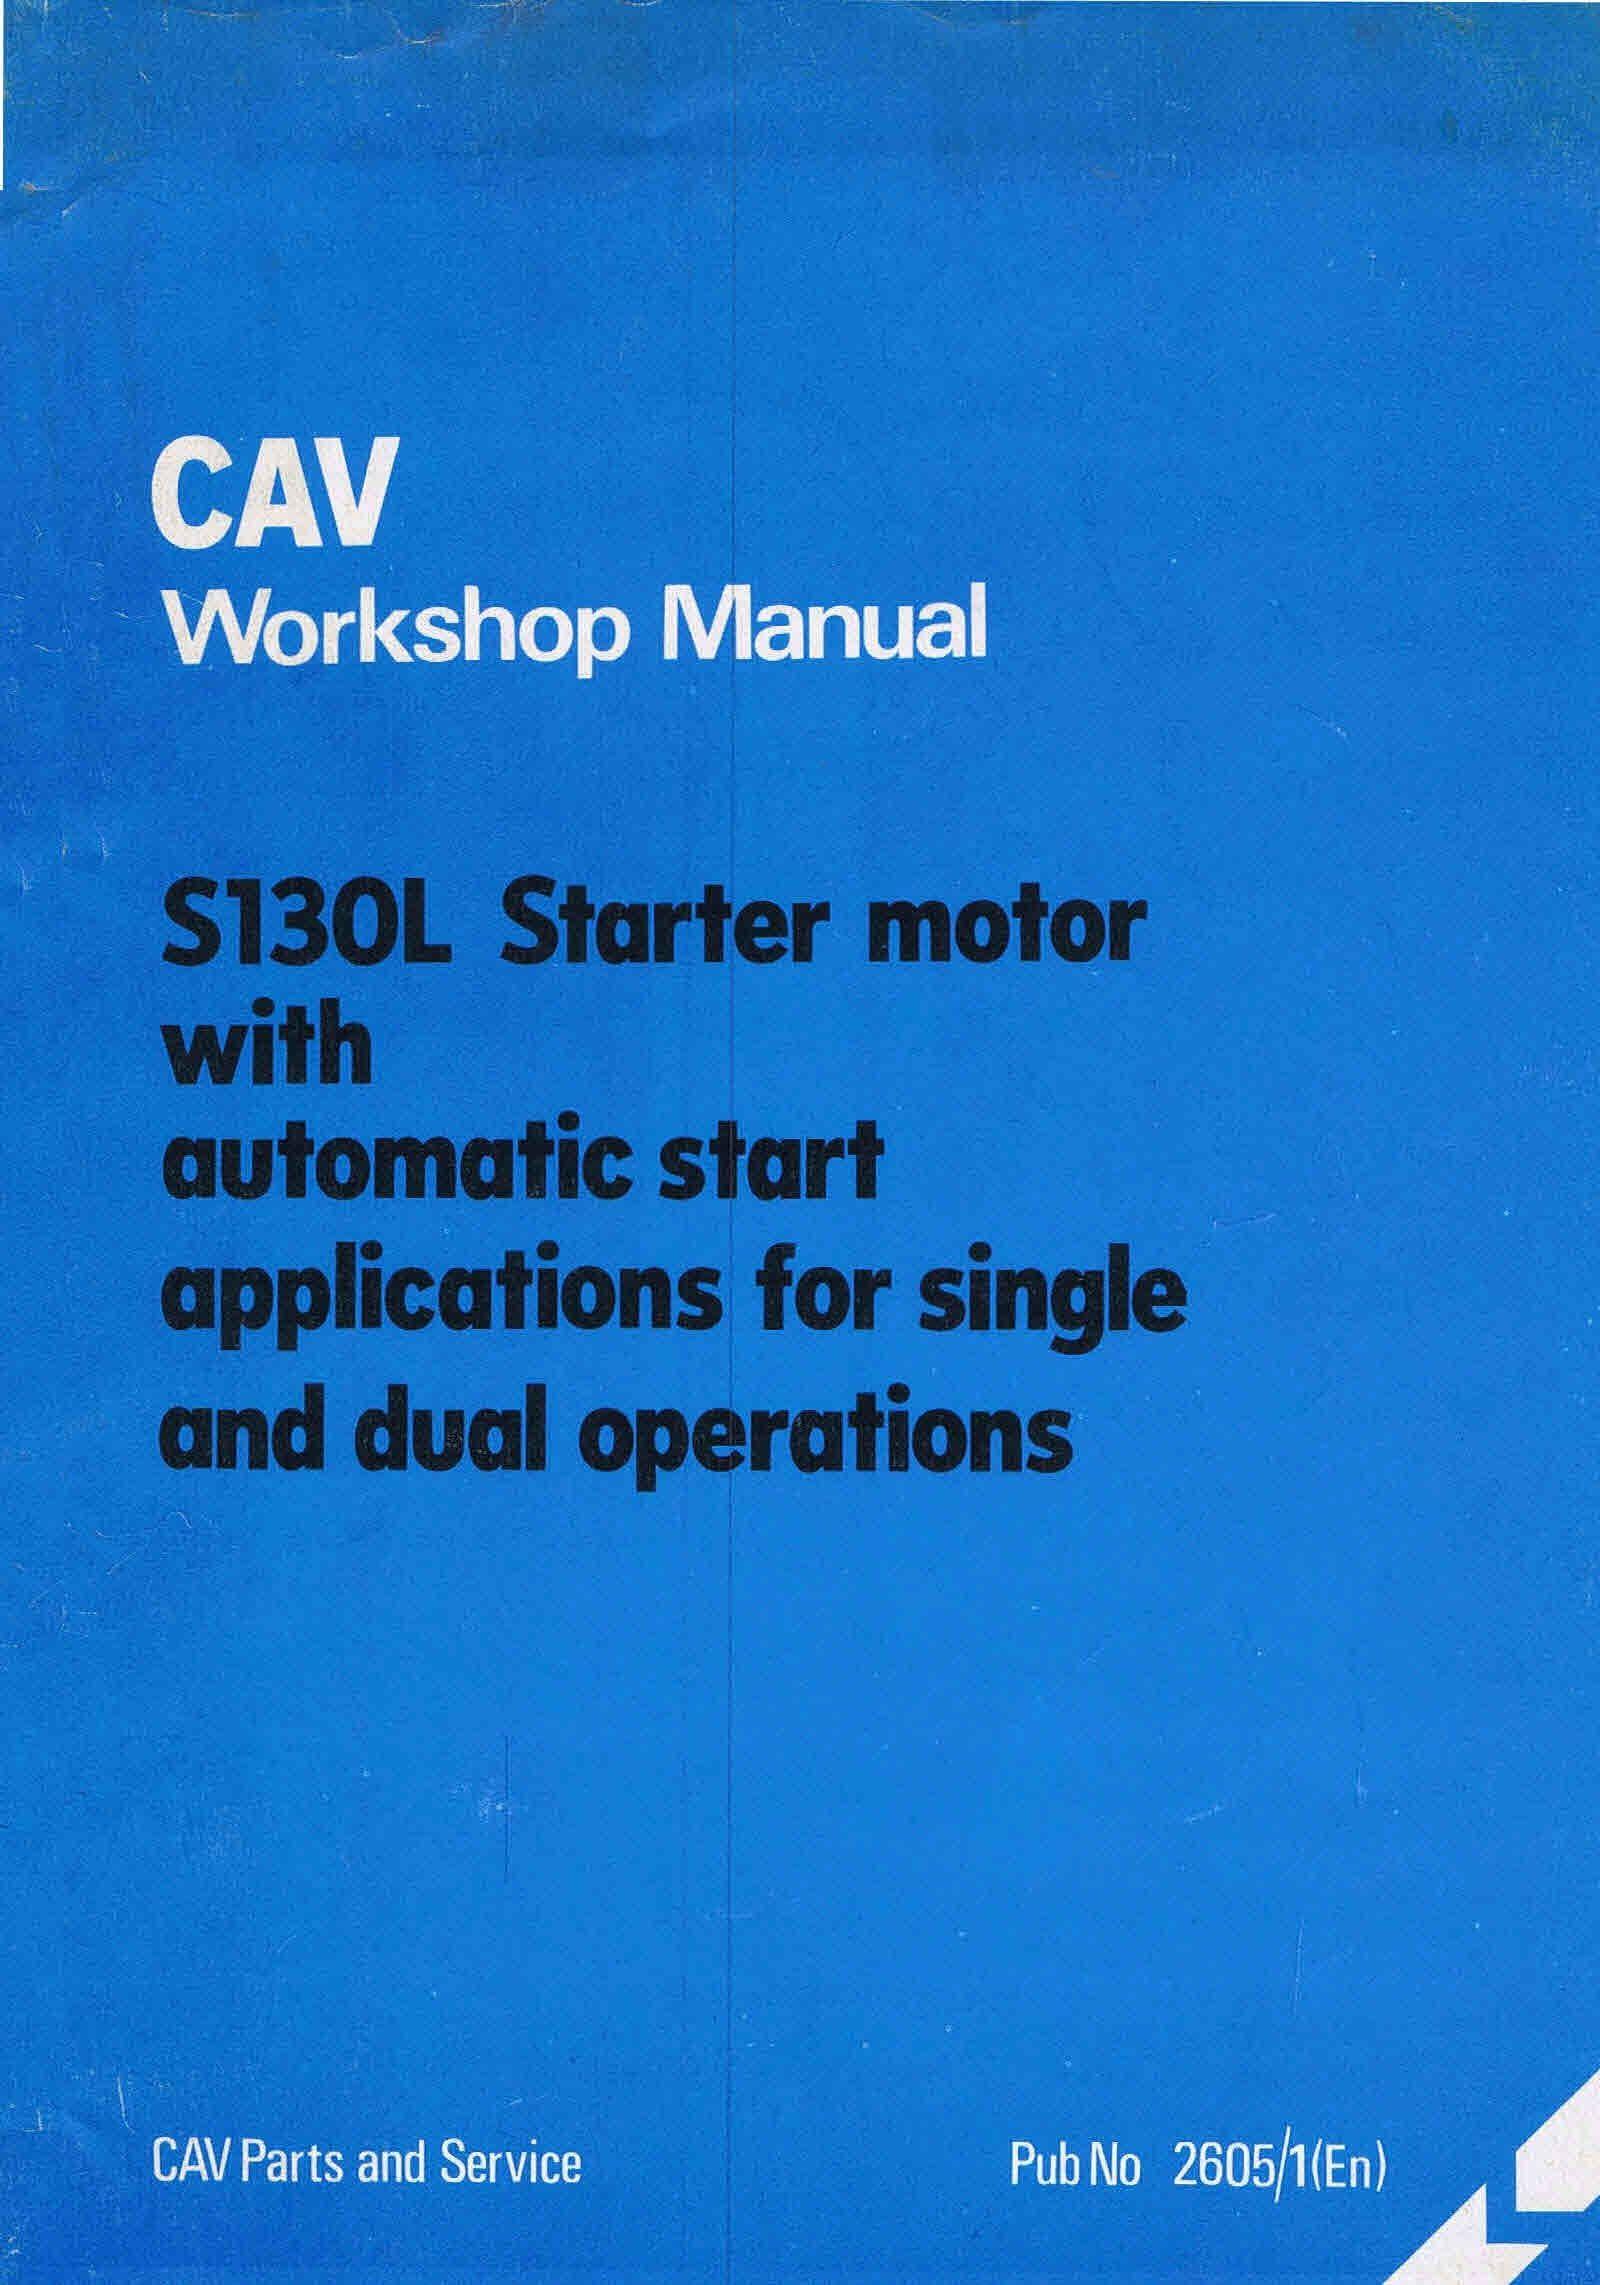 Cav 103L Starter motor Workshop manualCONTENTSS130L STARTER